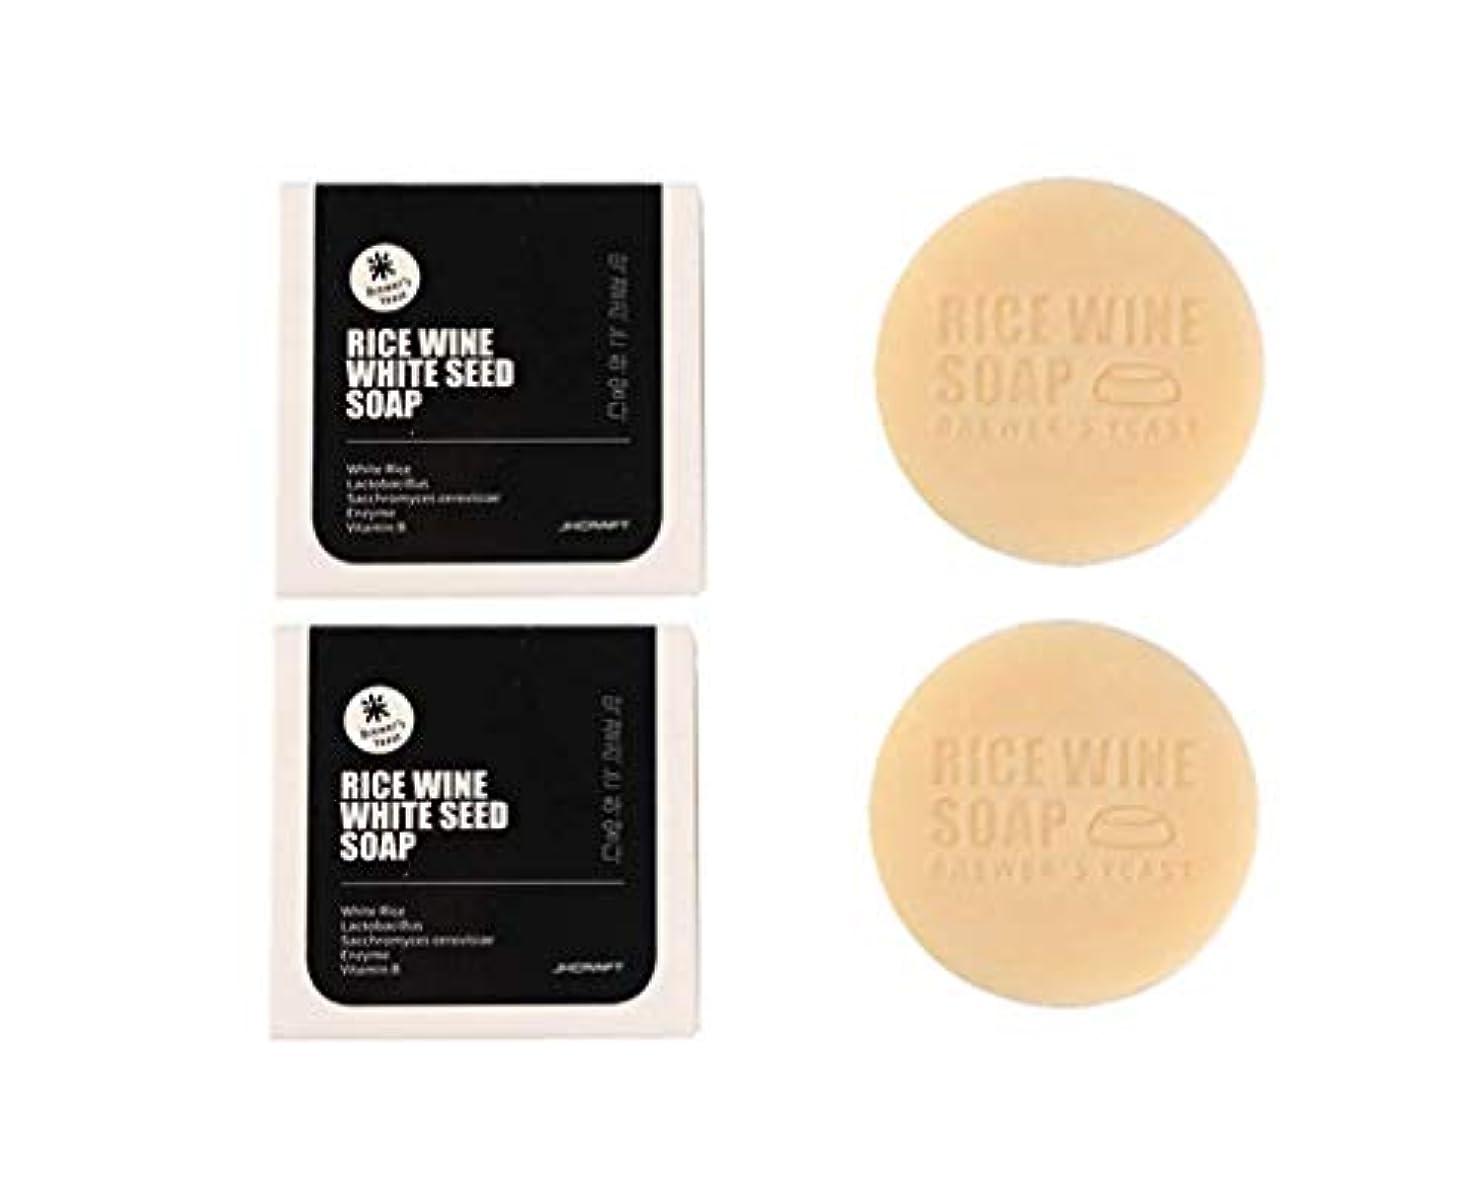 路地第九横向きJKCRAFT RICEWINE WHITE SEED SOAP マッコリ酵母石鹸,無添加,無刺激,天然洗顔石鹸 2pcs [並行輸入品]